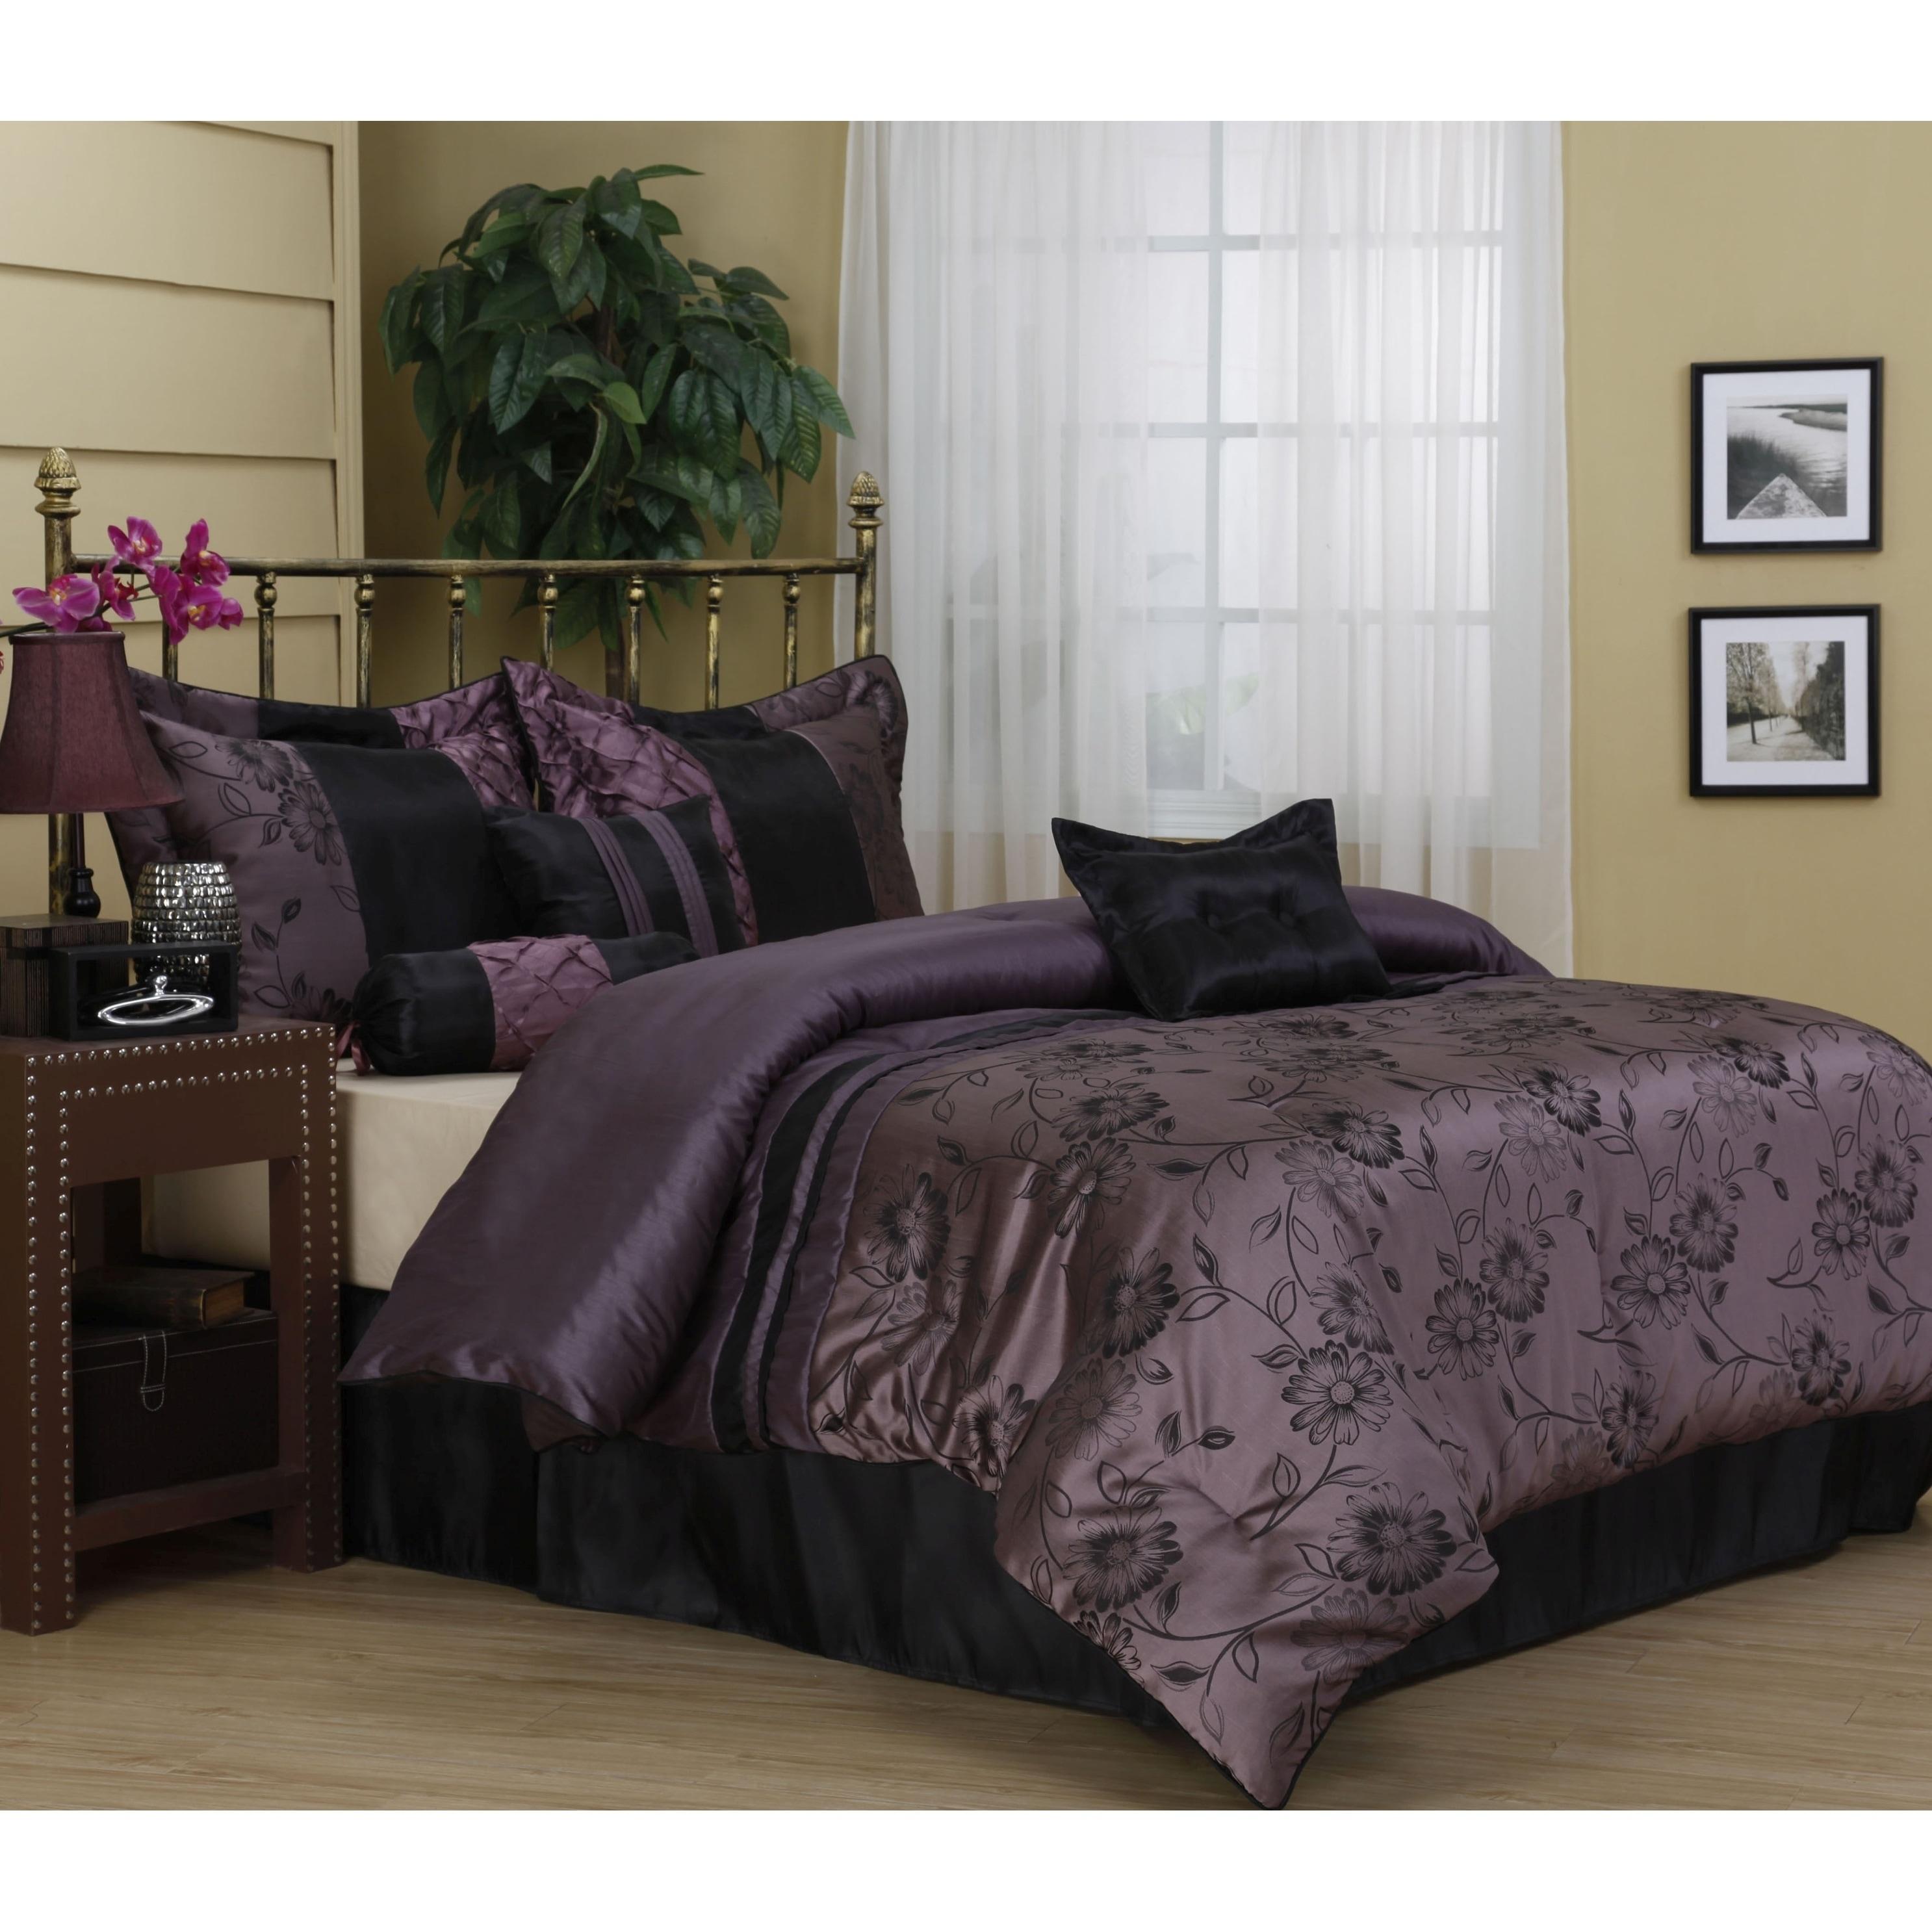 Harmonee 7-Piece Bedding Comforter Set